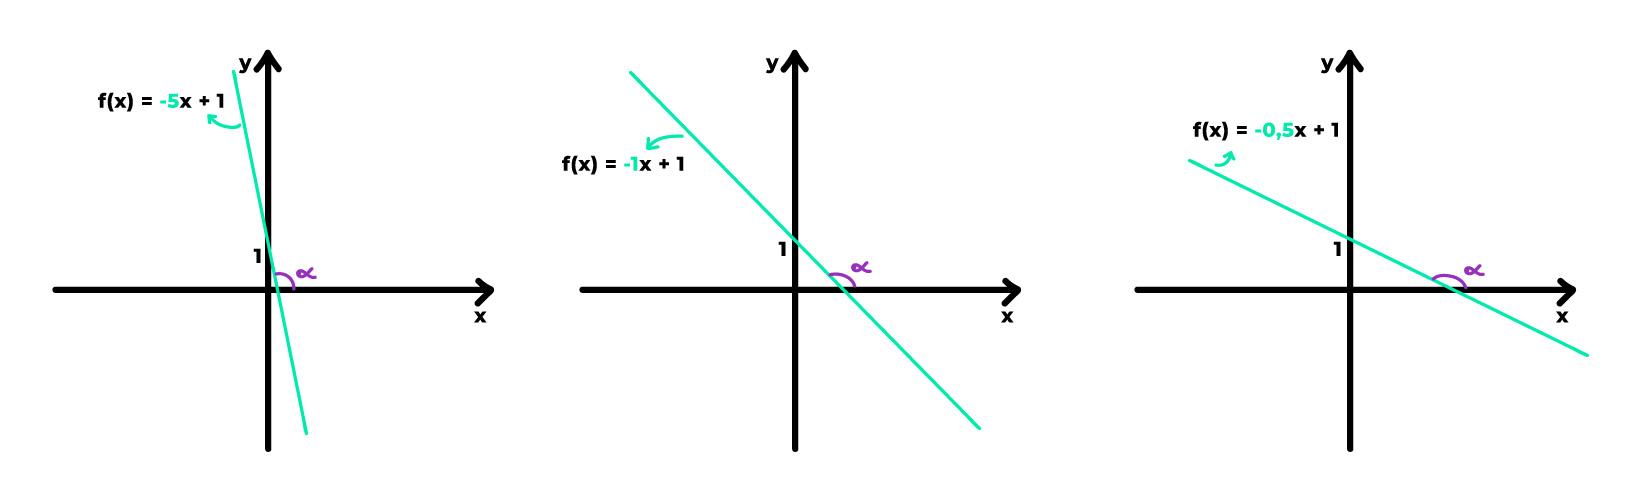 variam os valores dos coeficientes angulares negativos varia a inclinação das retas